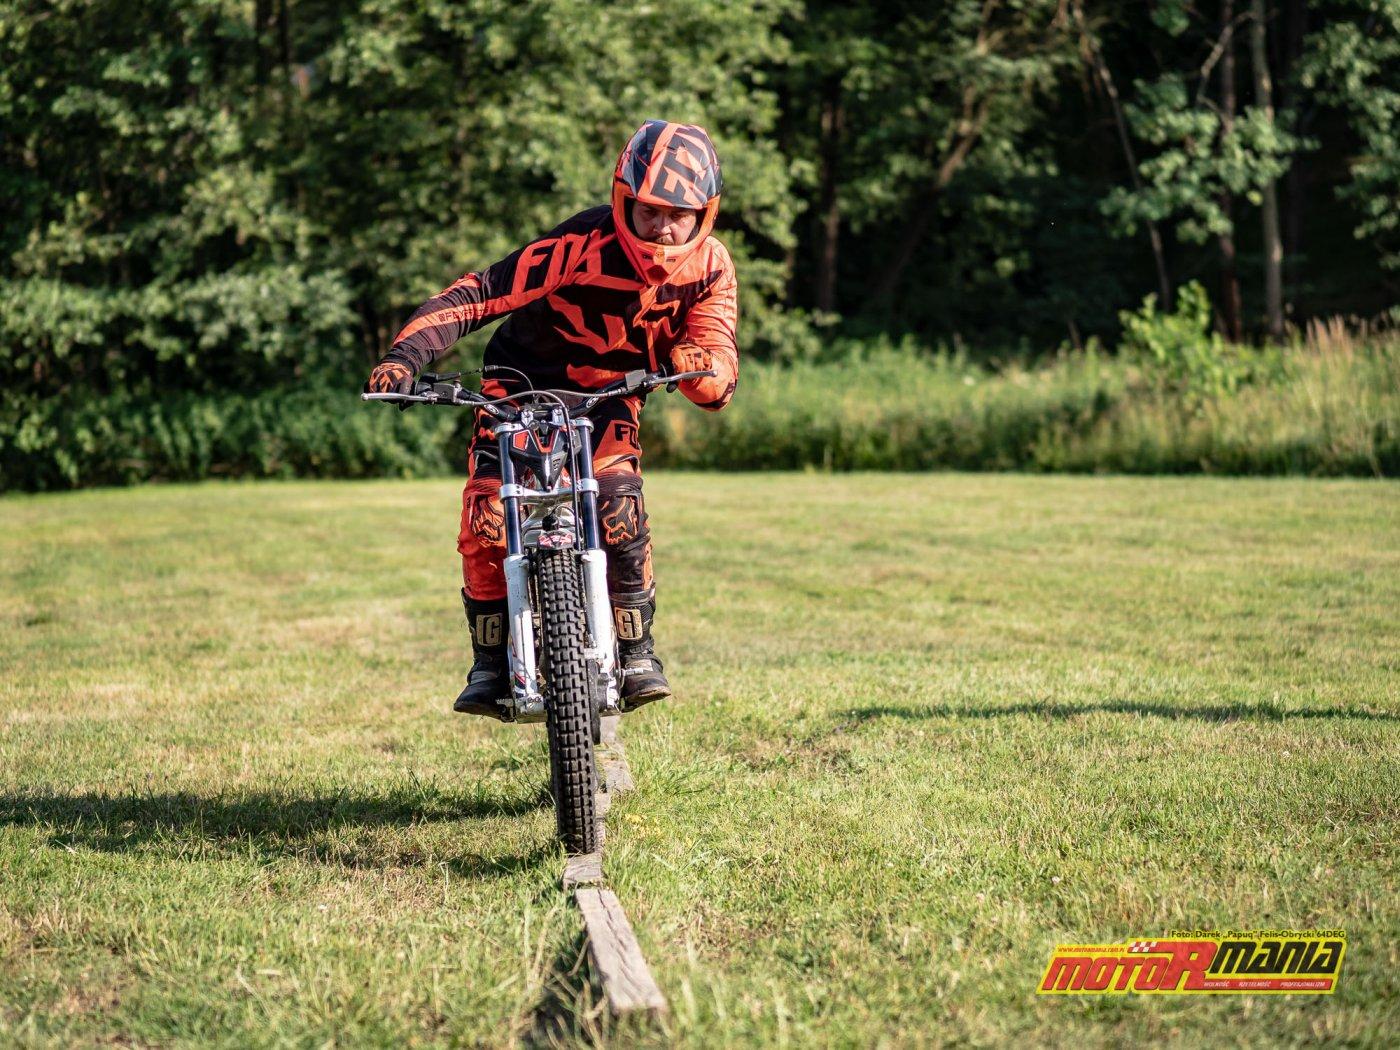 szkolenie trial technika jazdy trialówka - Piotr Jedrzejak jedzie - Andrzej Mistarz trener (28) - fot 64deg